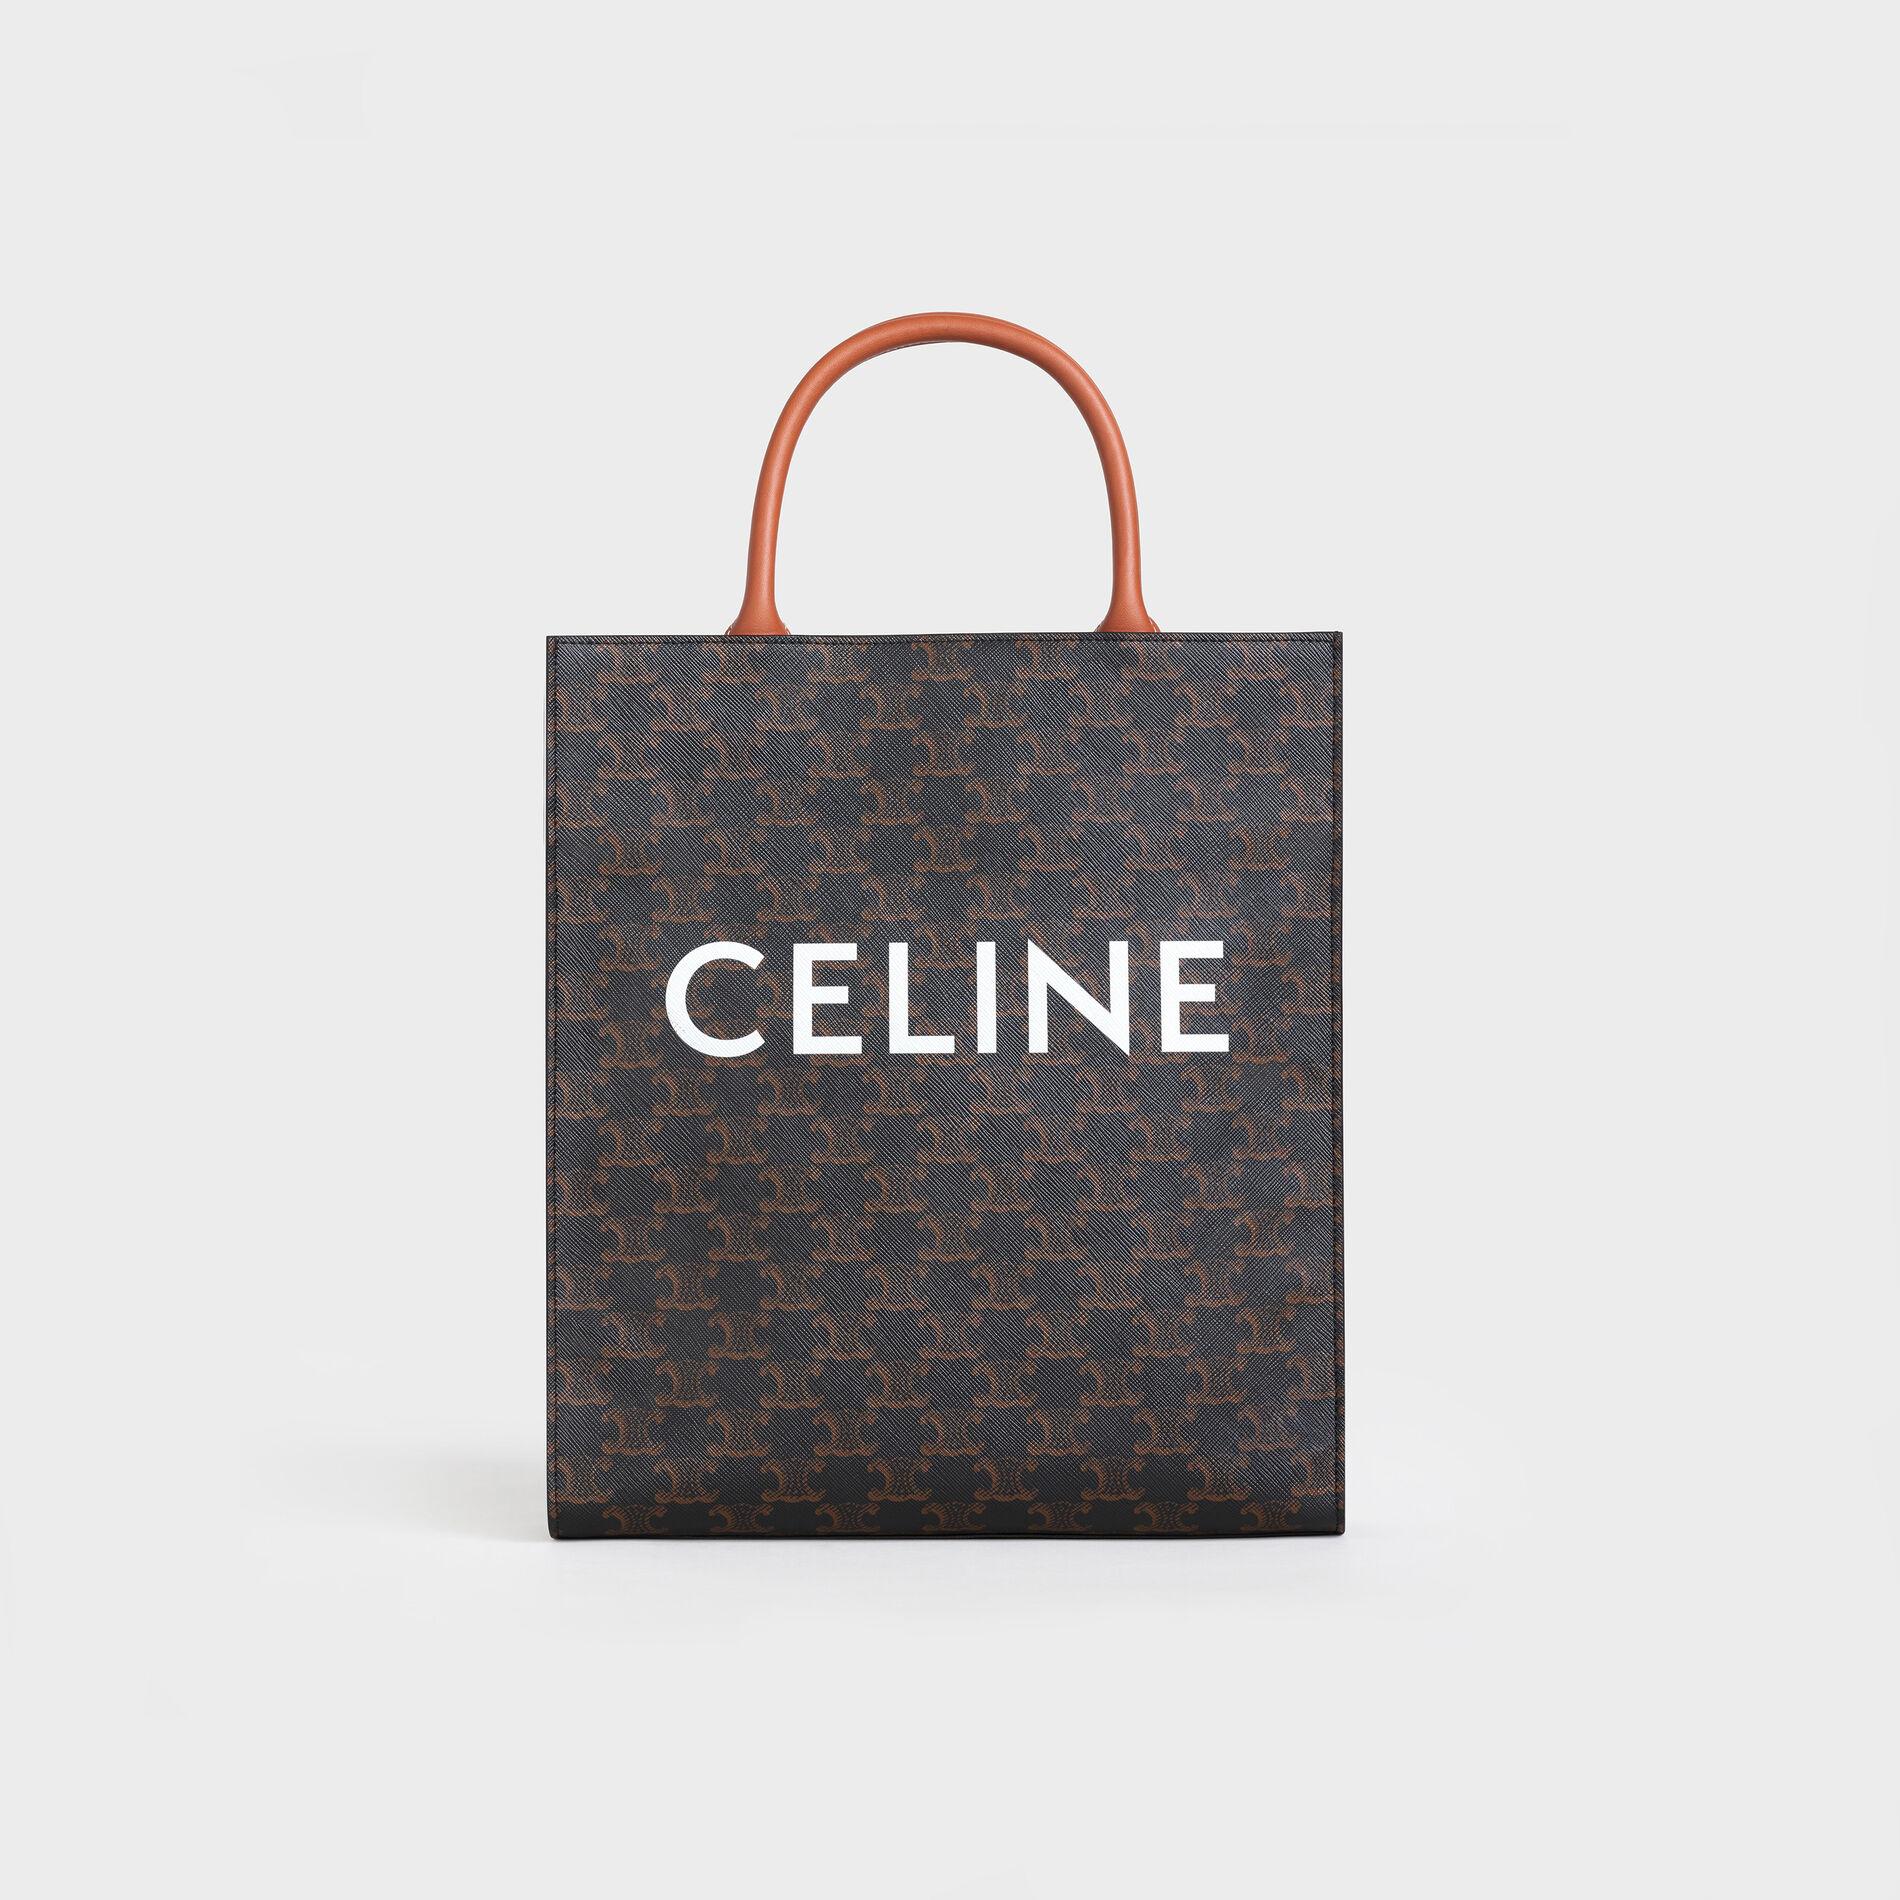 CelineTriomphe Canvas Cabas Bag